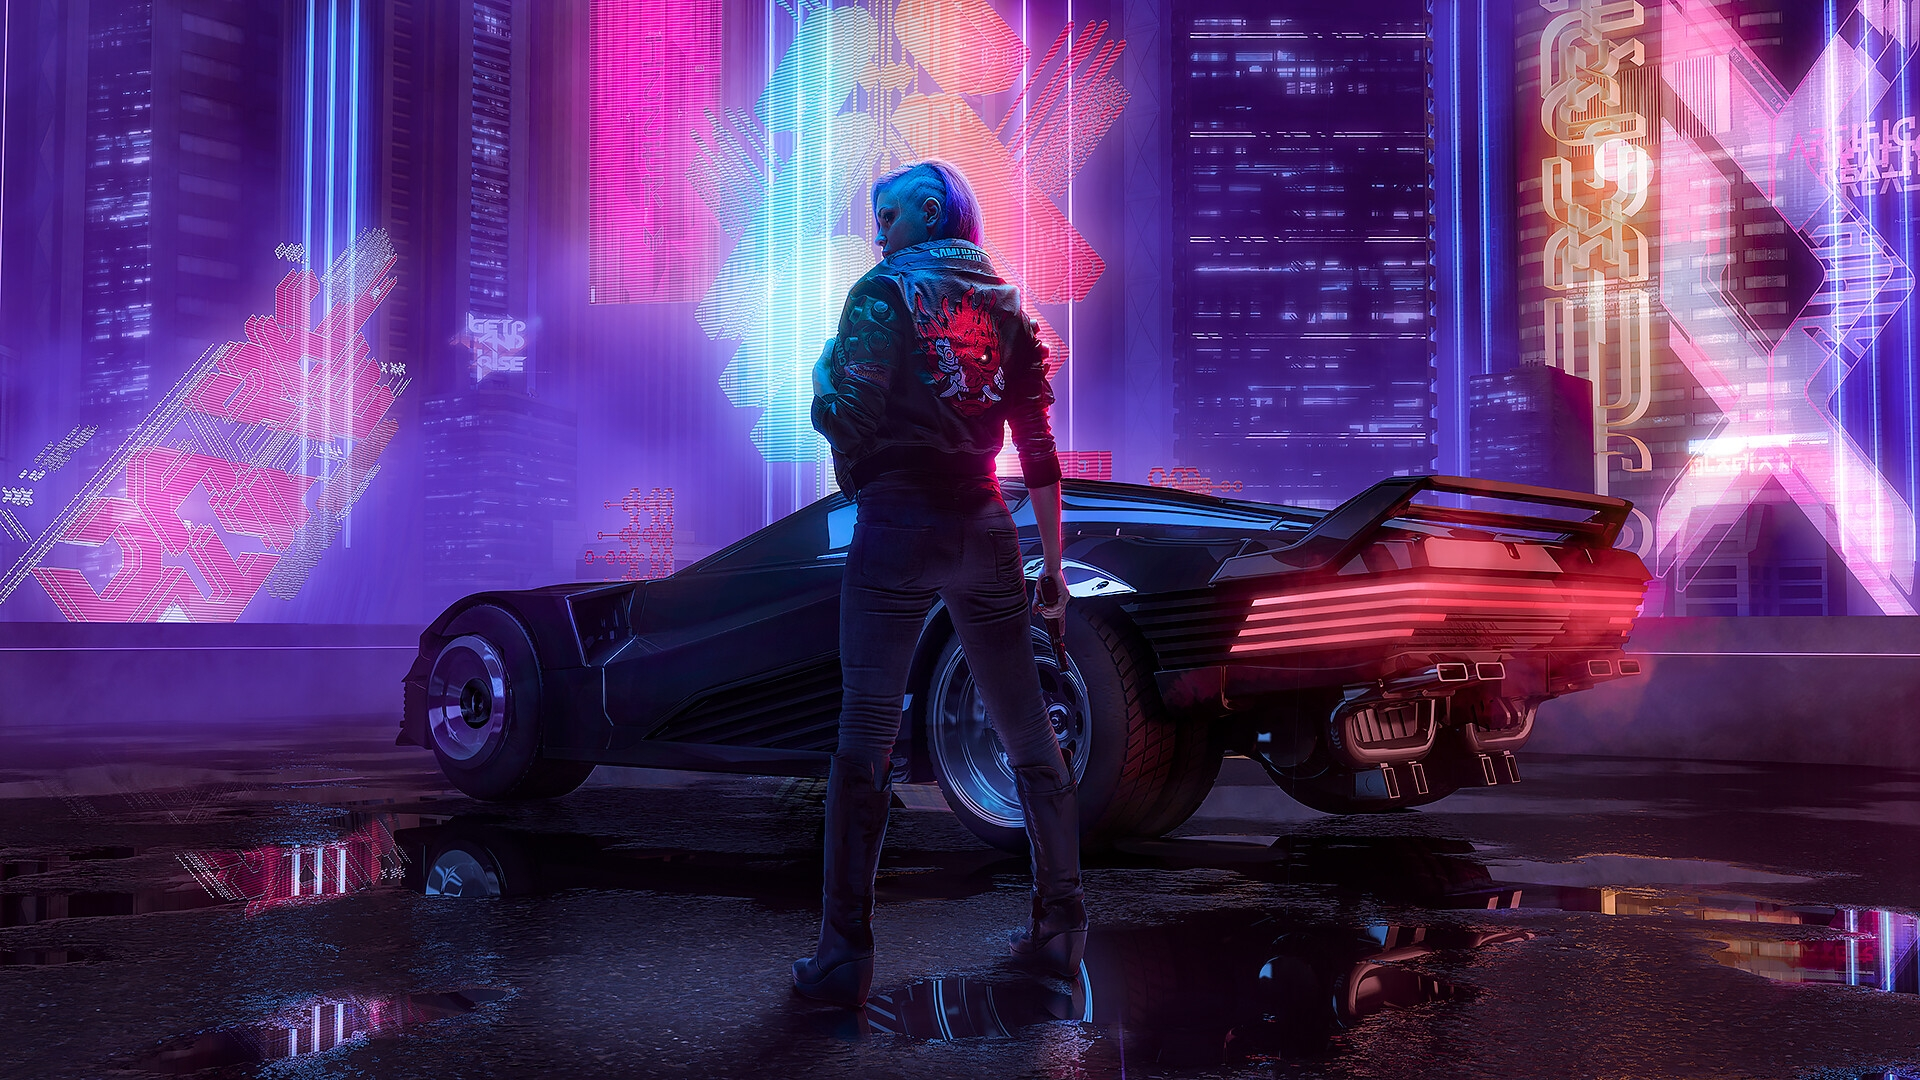 Punk - Cyberpunk 2077